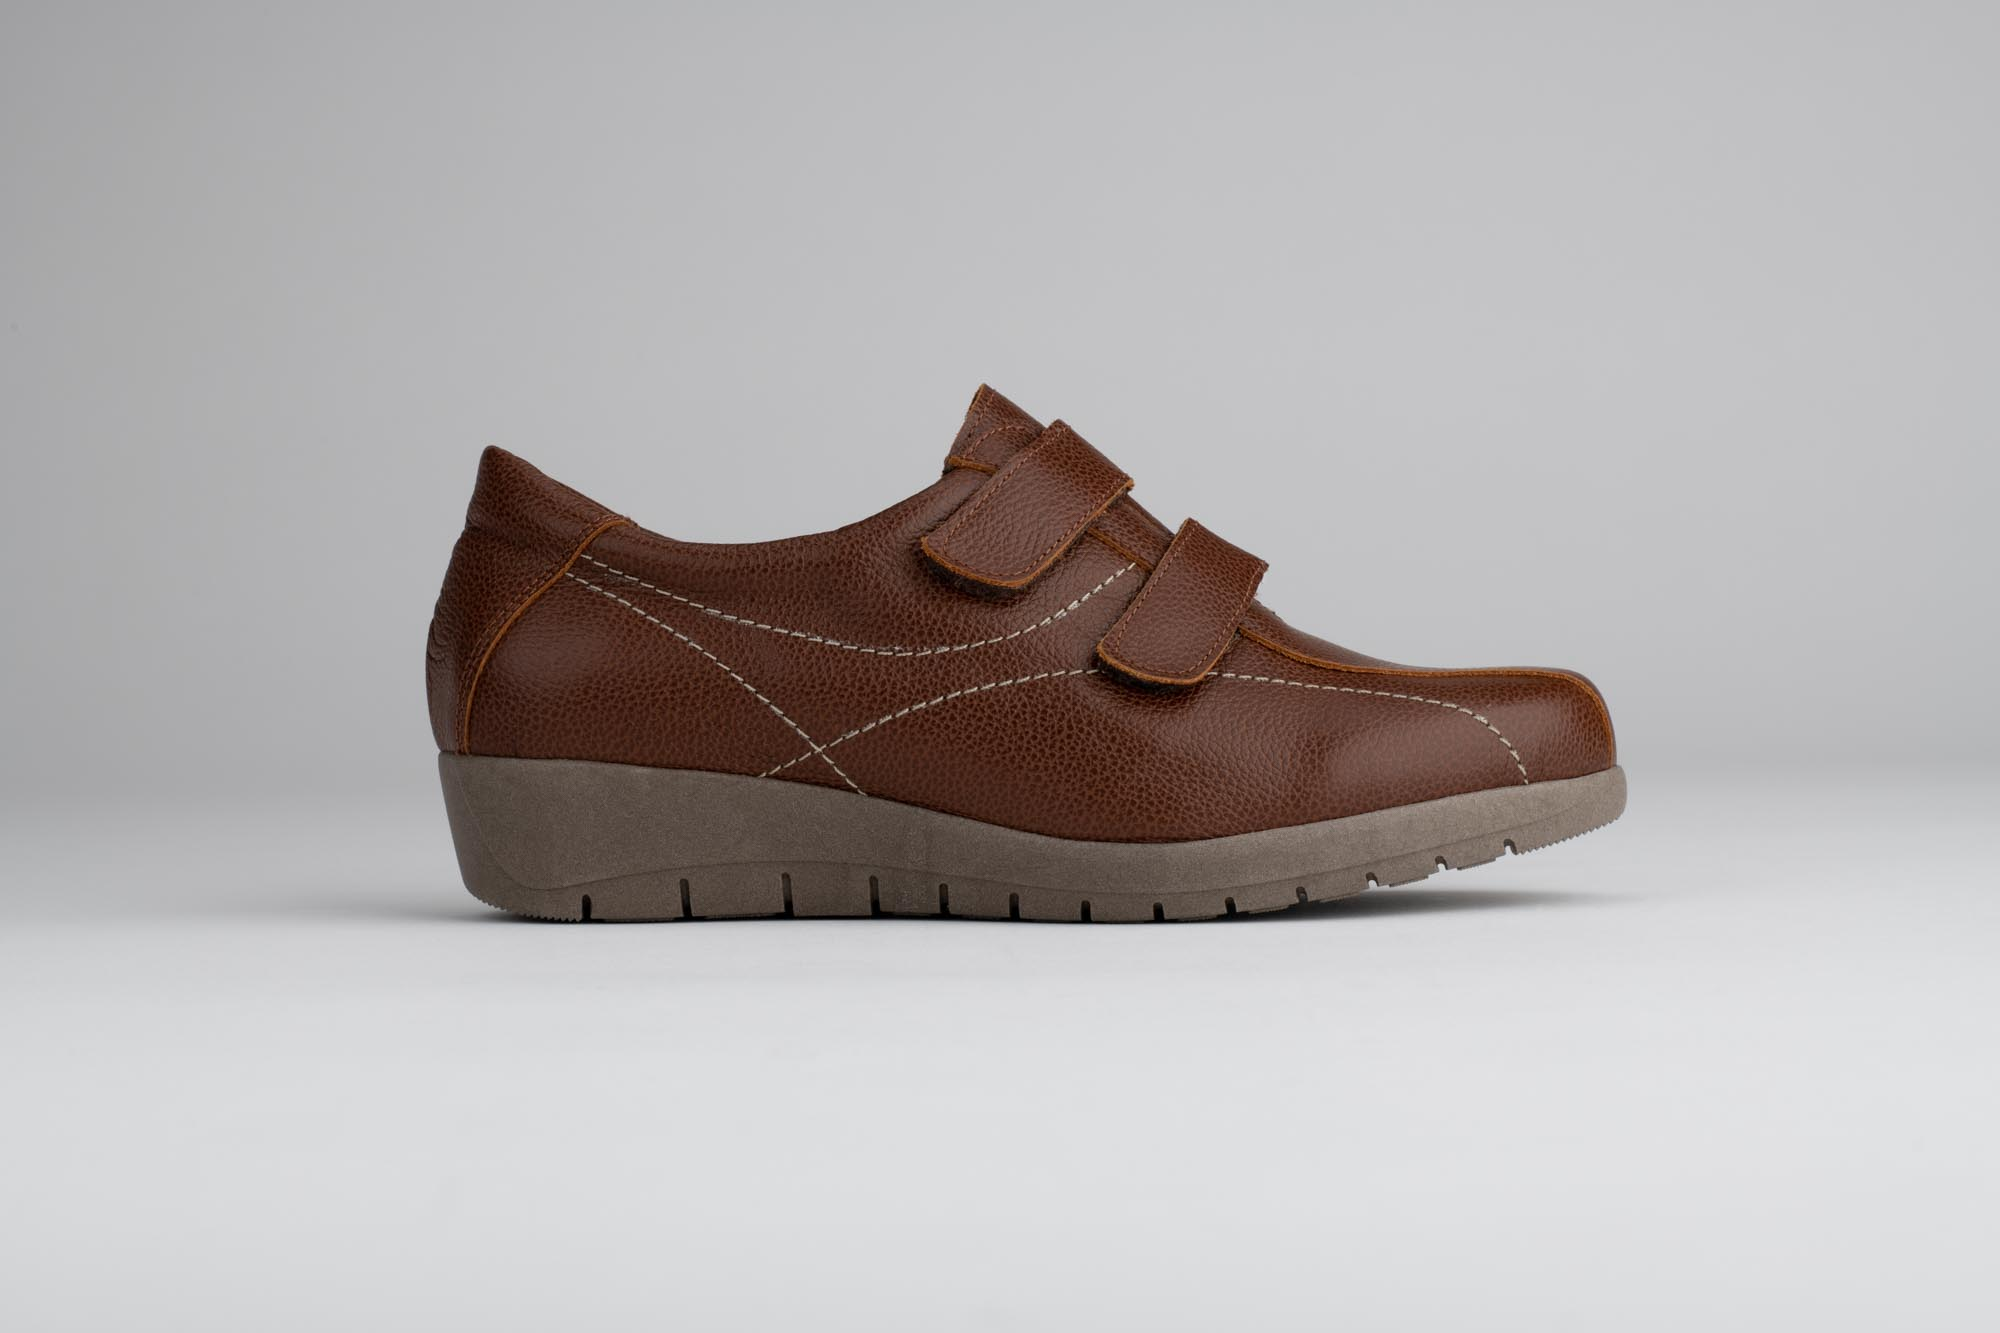 Foto de estudio de zapato marrón claro